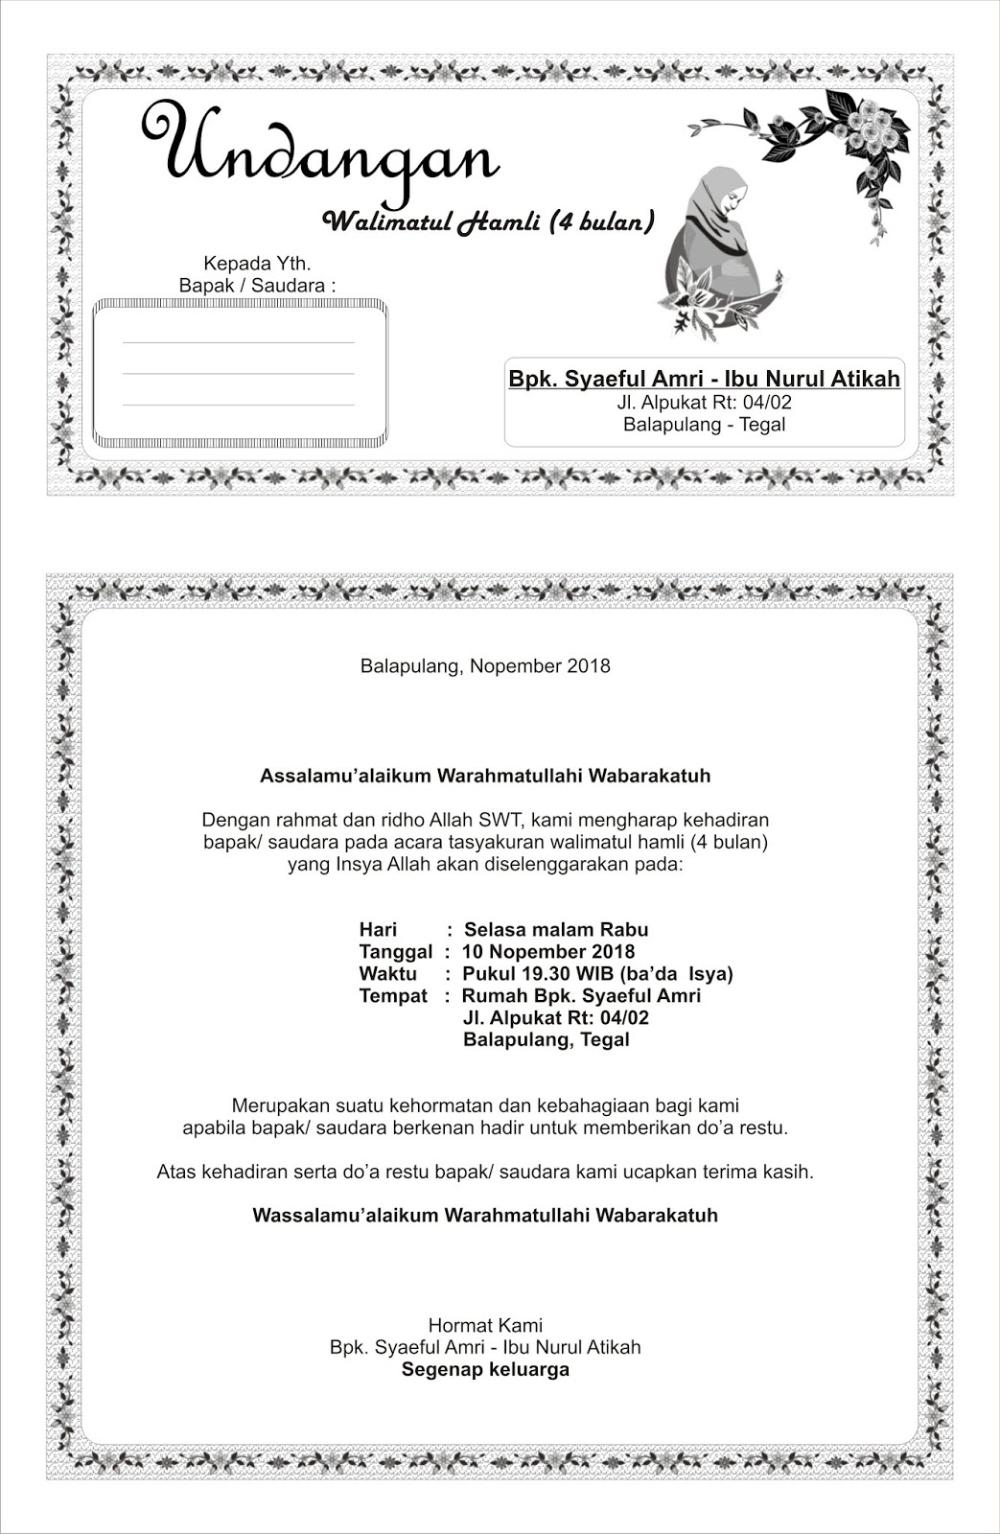 Contoh Undangan Walimatul Hamli : contoh, undangan, walimatul, hamli, Undangan, Walimatul, Hamli, Atikah, Undangan,, Kartu, Ucapan, Terima, Kasih, Pernikahan,, Contoh, Pernikahan